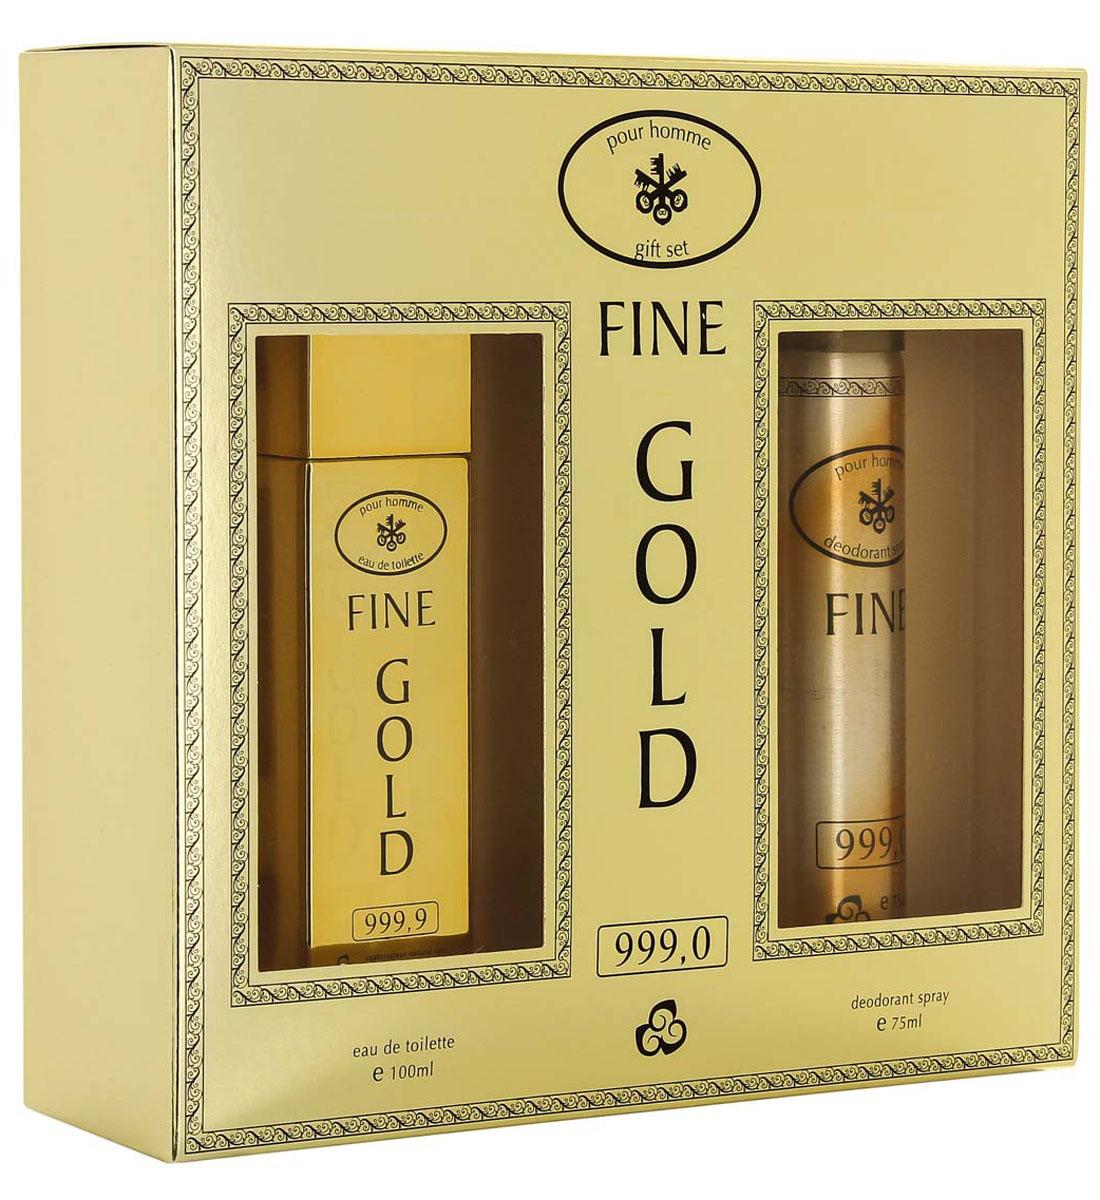 КПК-Парфюм Подарочный набор для мужчин  Fine Gold : Туалетная вода, 100 мл + Парфюмированный дезодорант, 75 мл - Парфюмерия